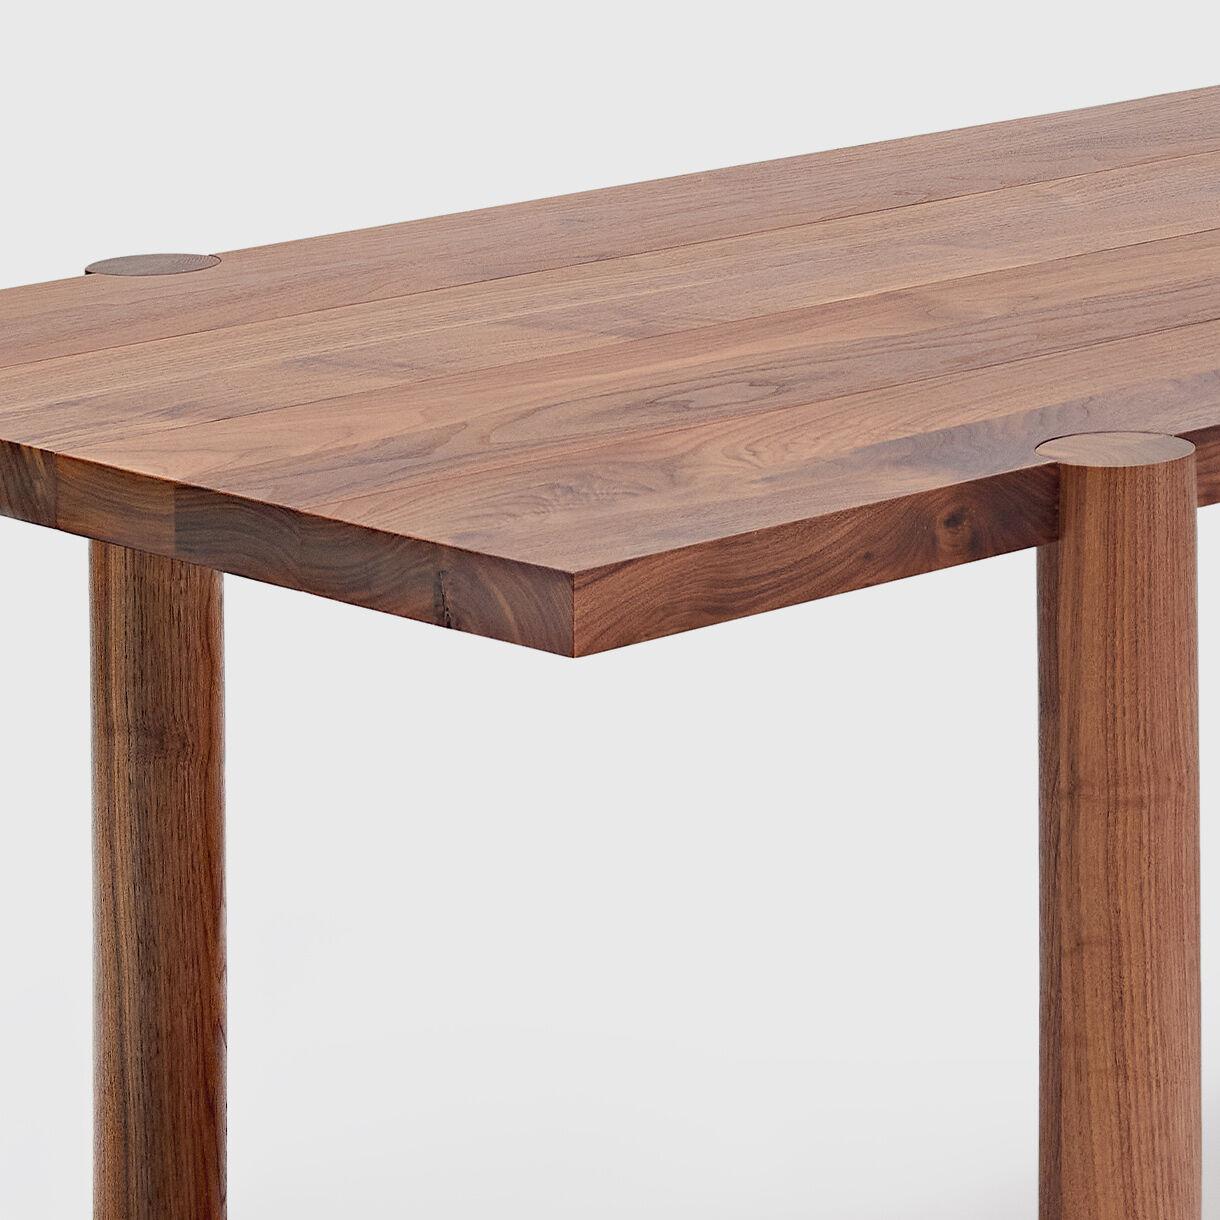 Breadstick Table, 2300, American Black Walnut